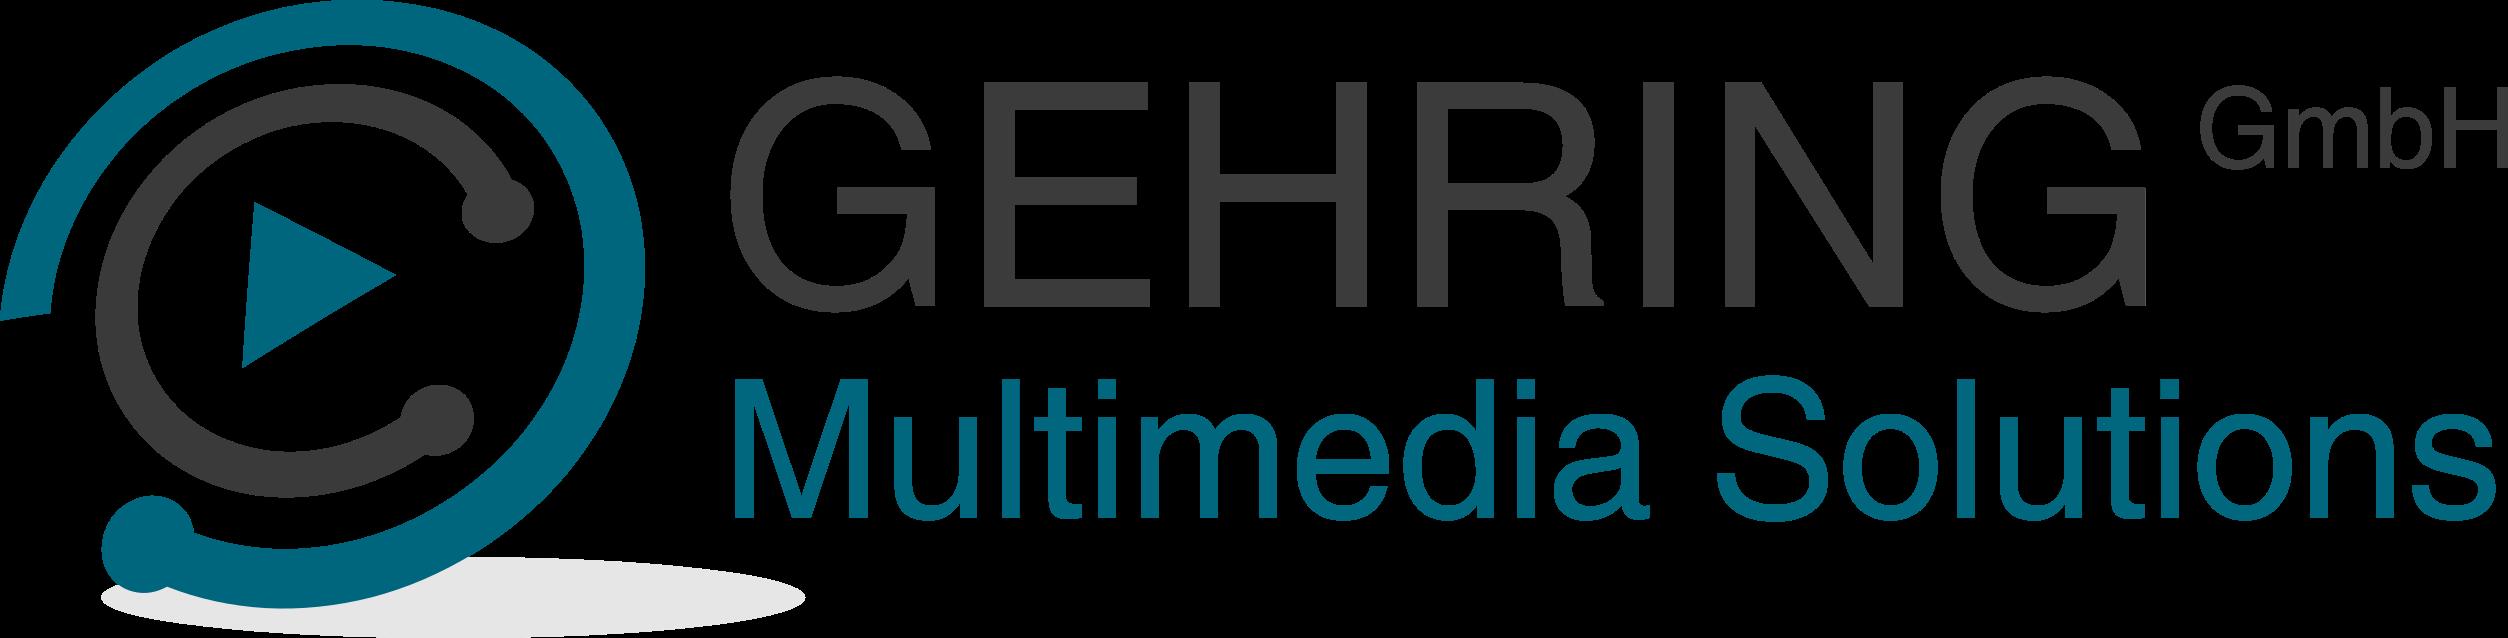 Logo Gehring GmbH